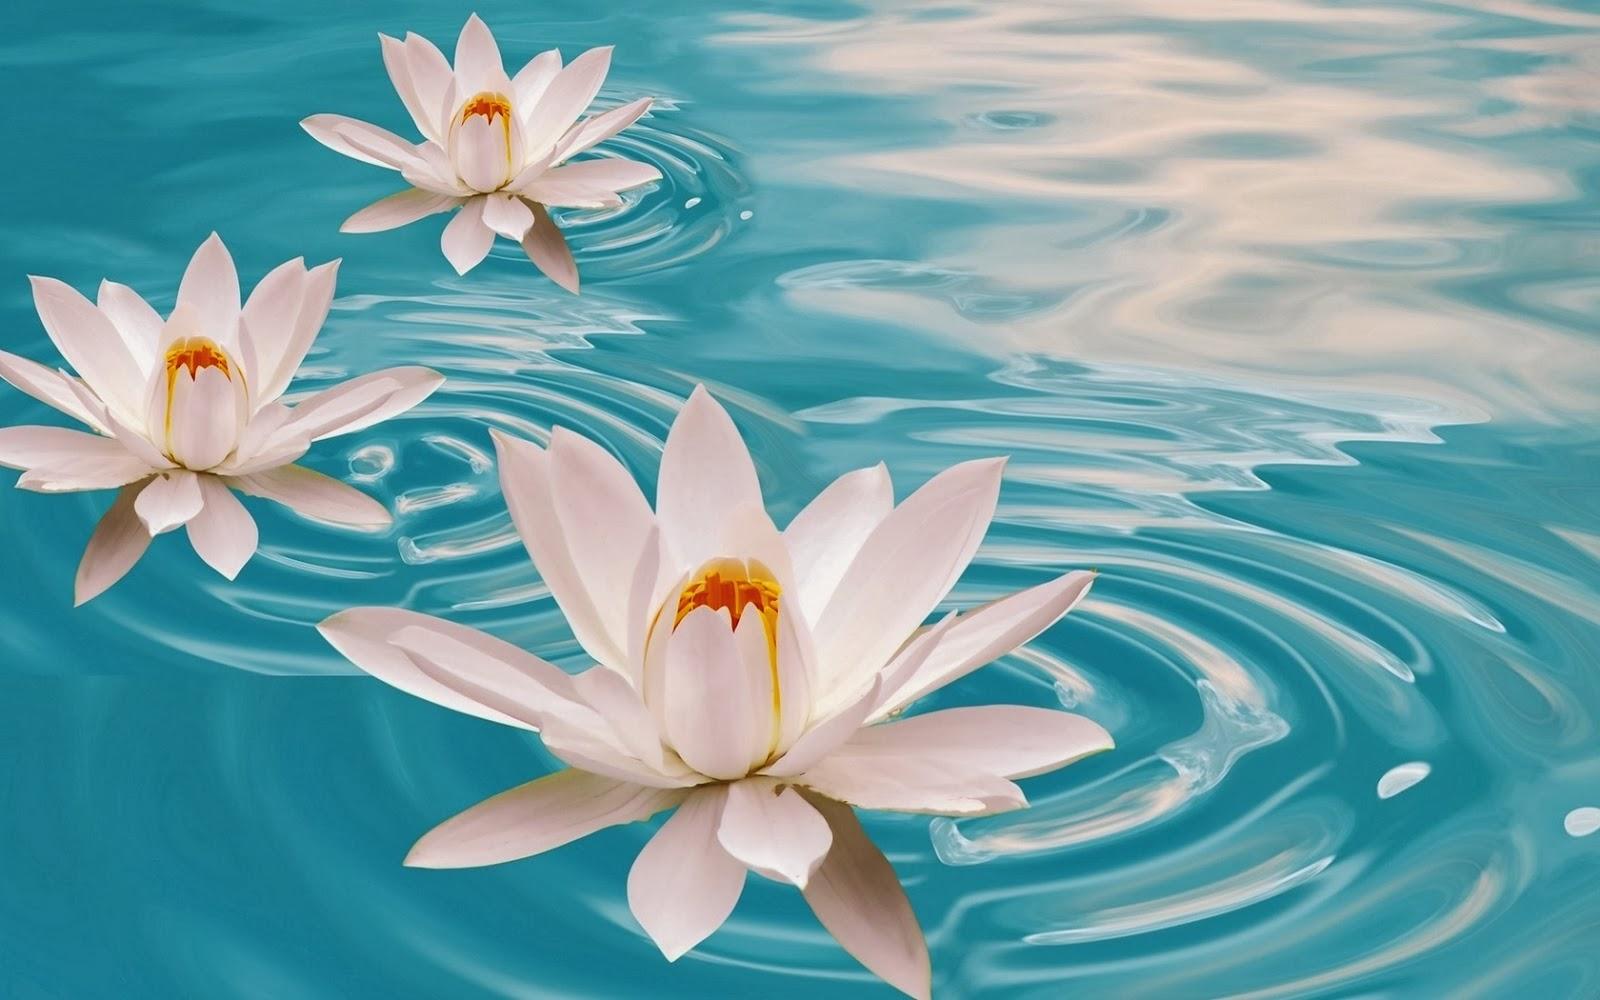 Imagenes para facebook de flores fotos bonitas de amor - Fotos flores bellas ...